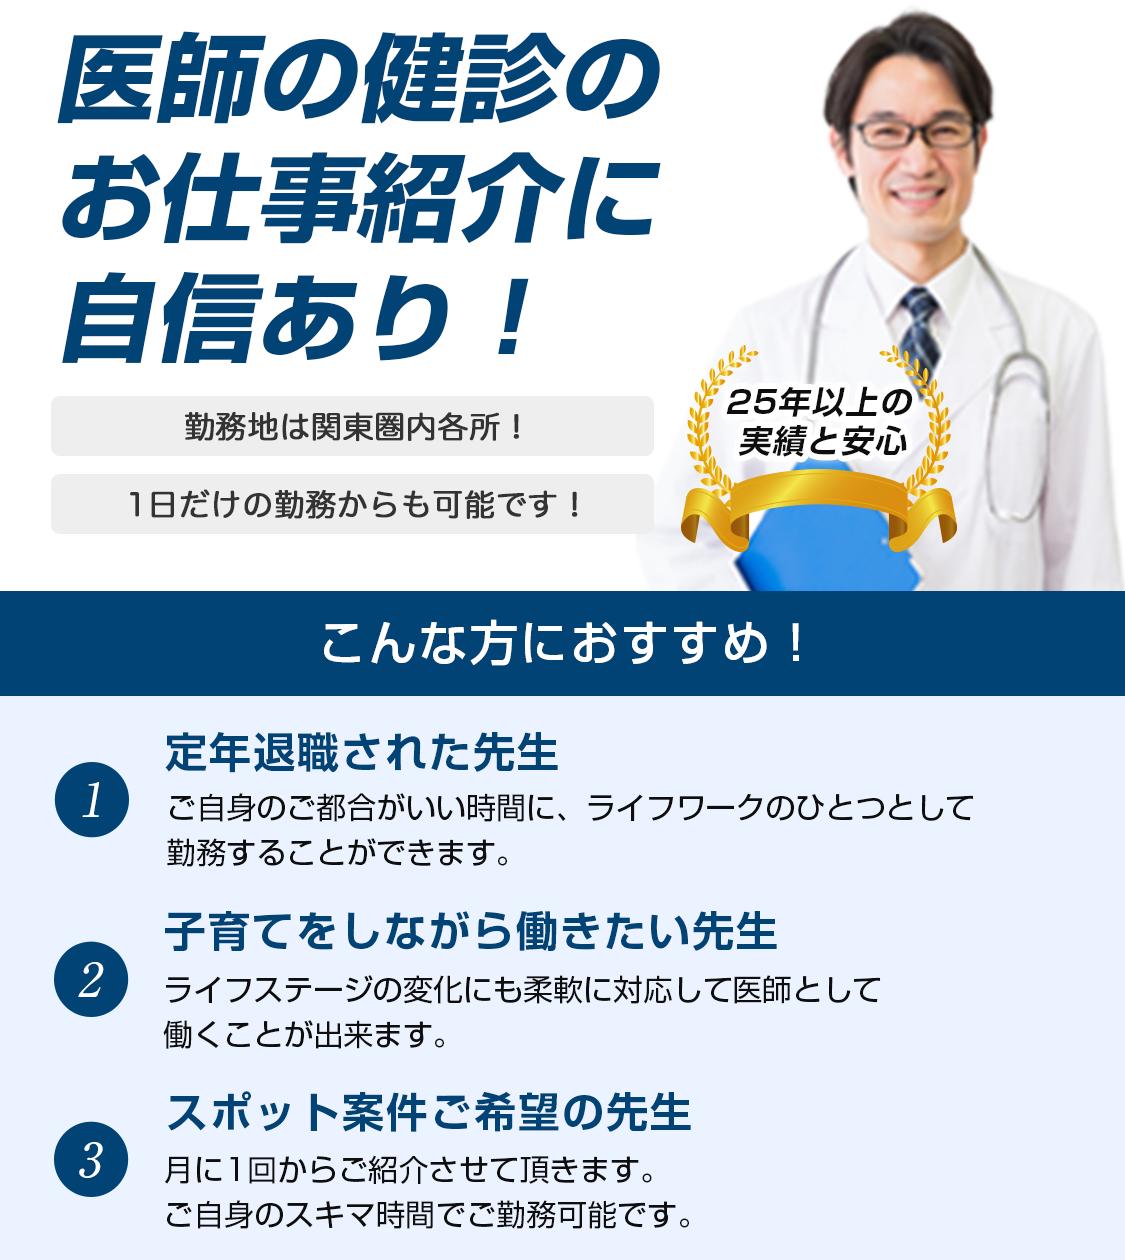 アルファビリティ株式会社|単発・短期の医師求人が満載/アルファビリティ